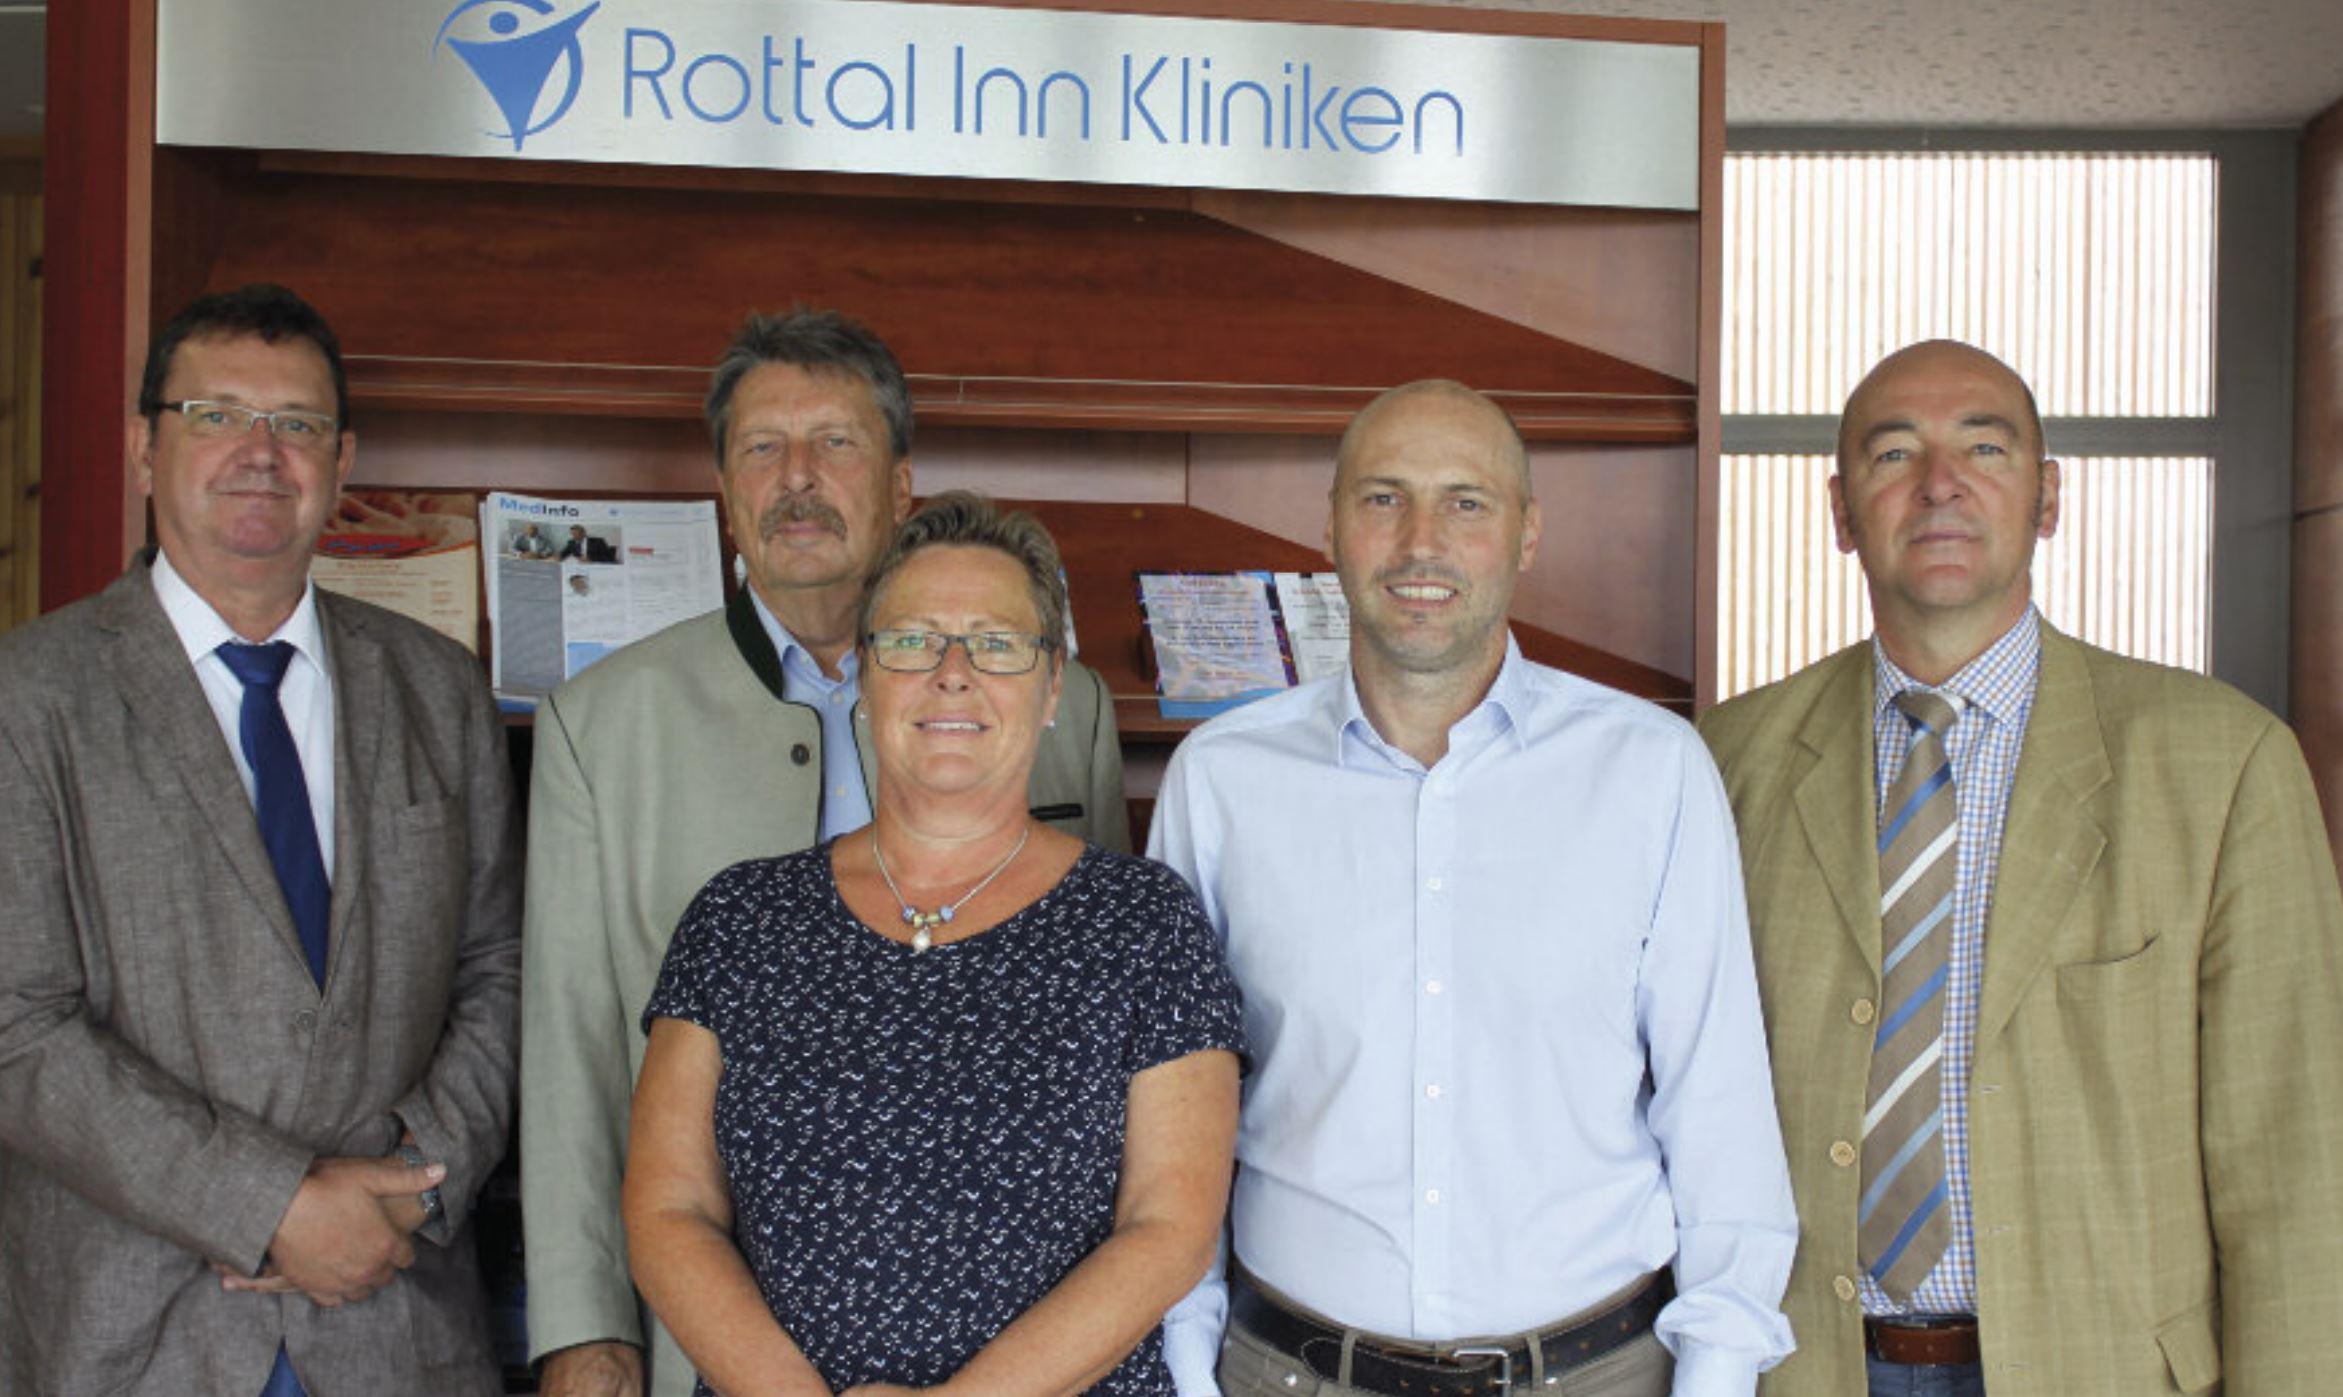 Success Story Rottal-Inn Kliniken KU